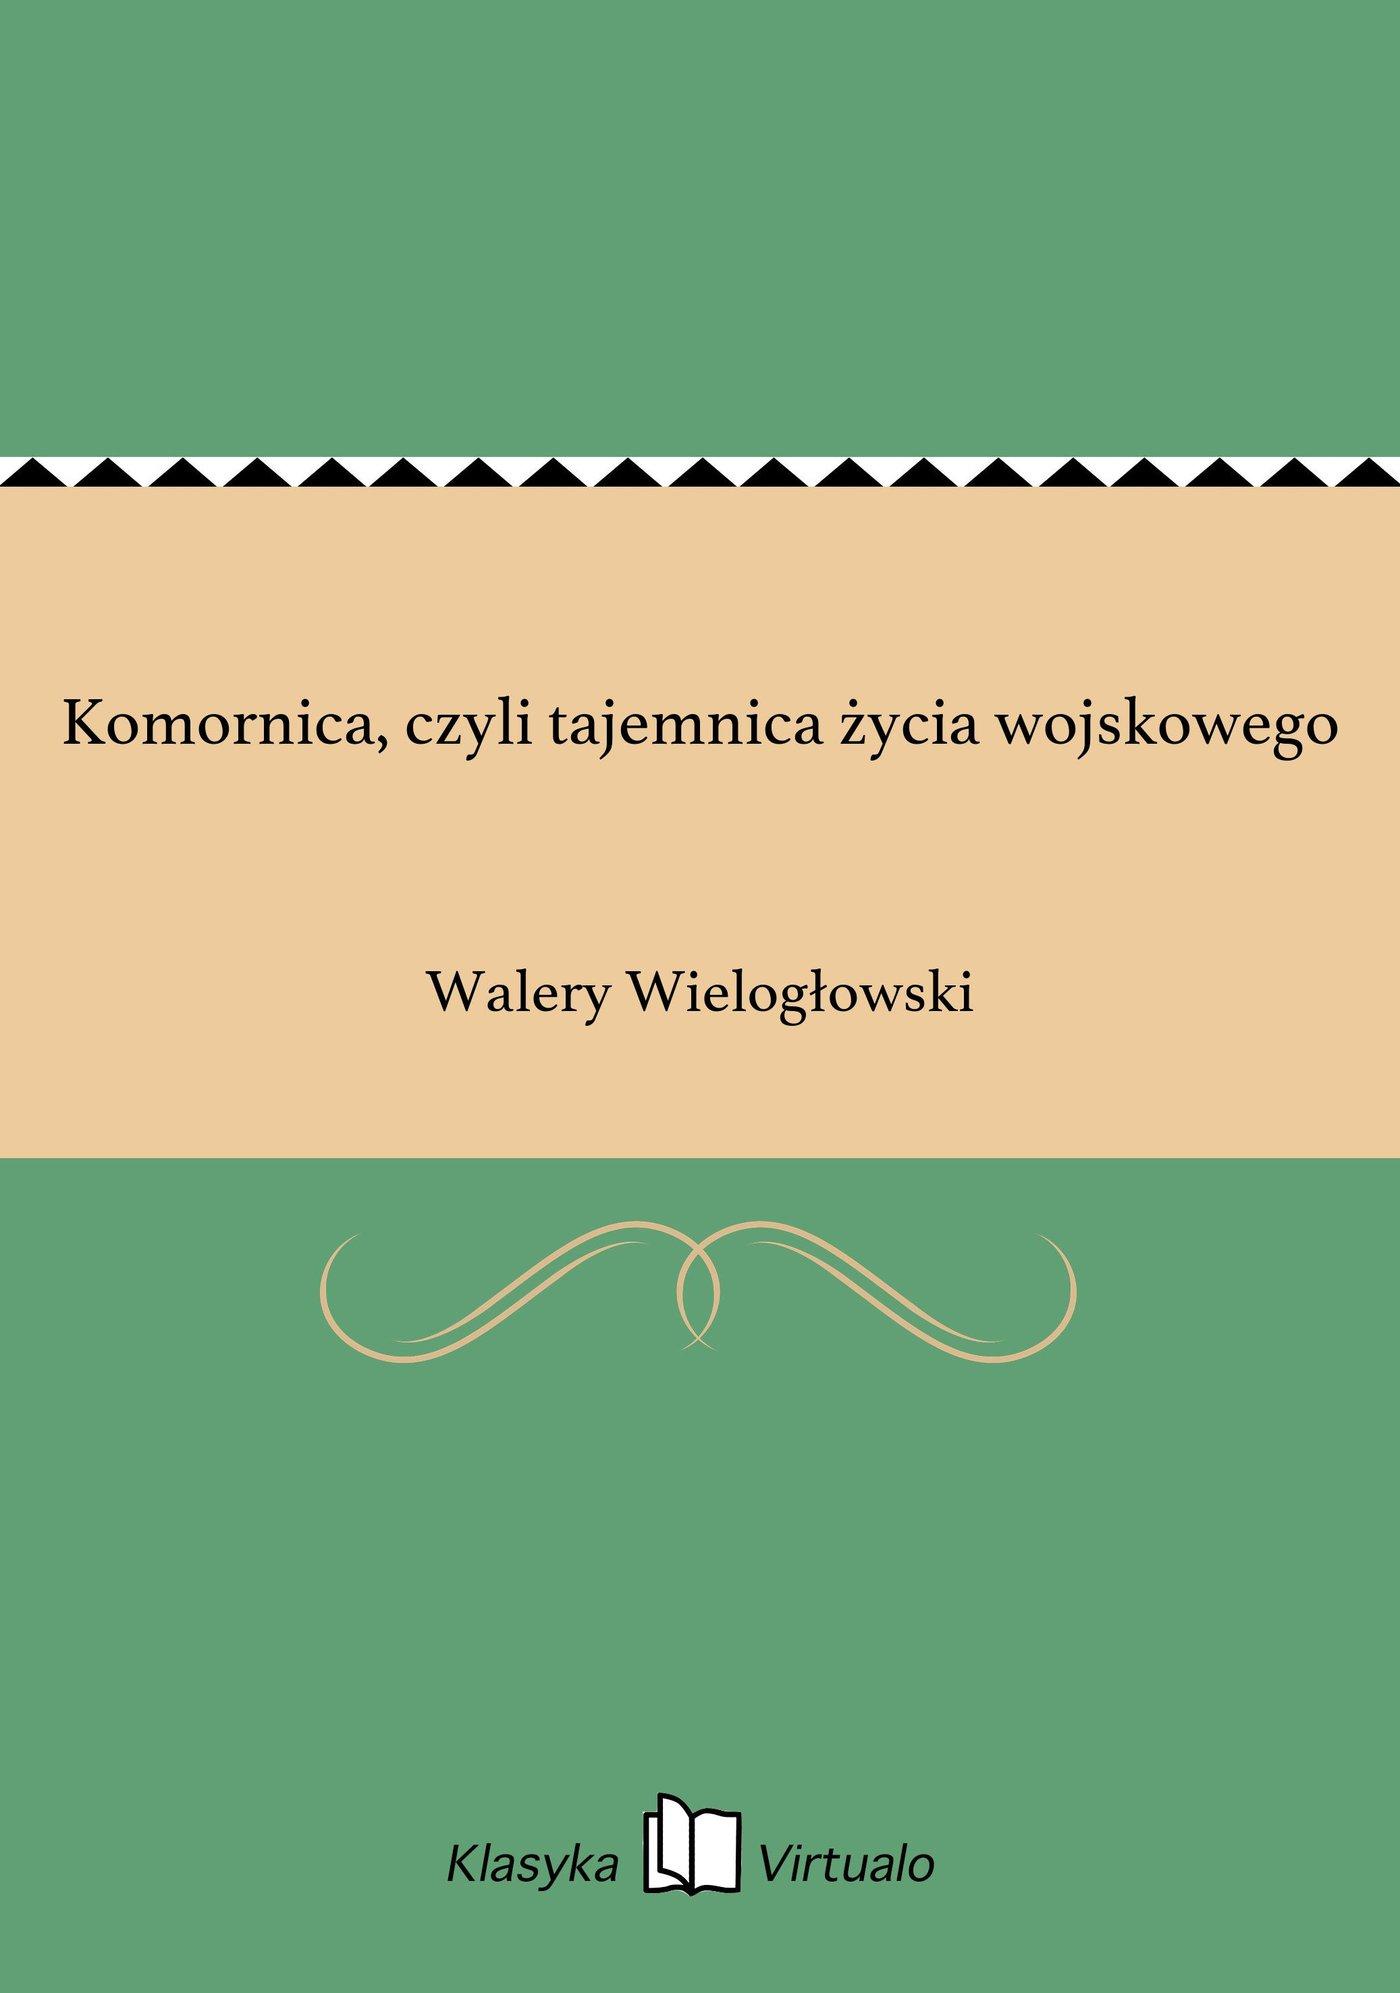 Komornica, czyli tajemnica życia wojskowego - Ebook (Książka na Kindle) do pobrania w formacie MOBI